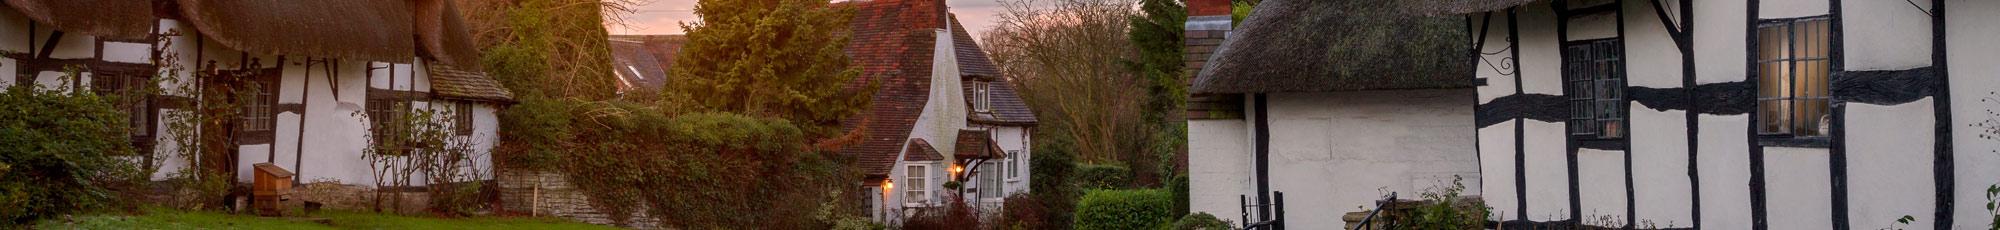 Flood Risk Home Insurance